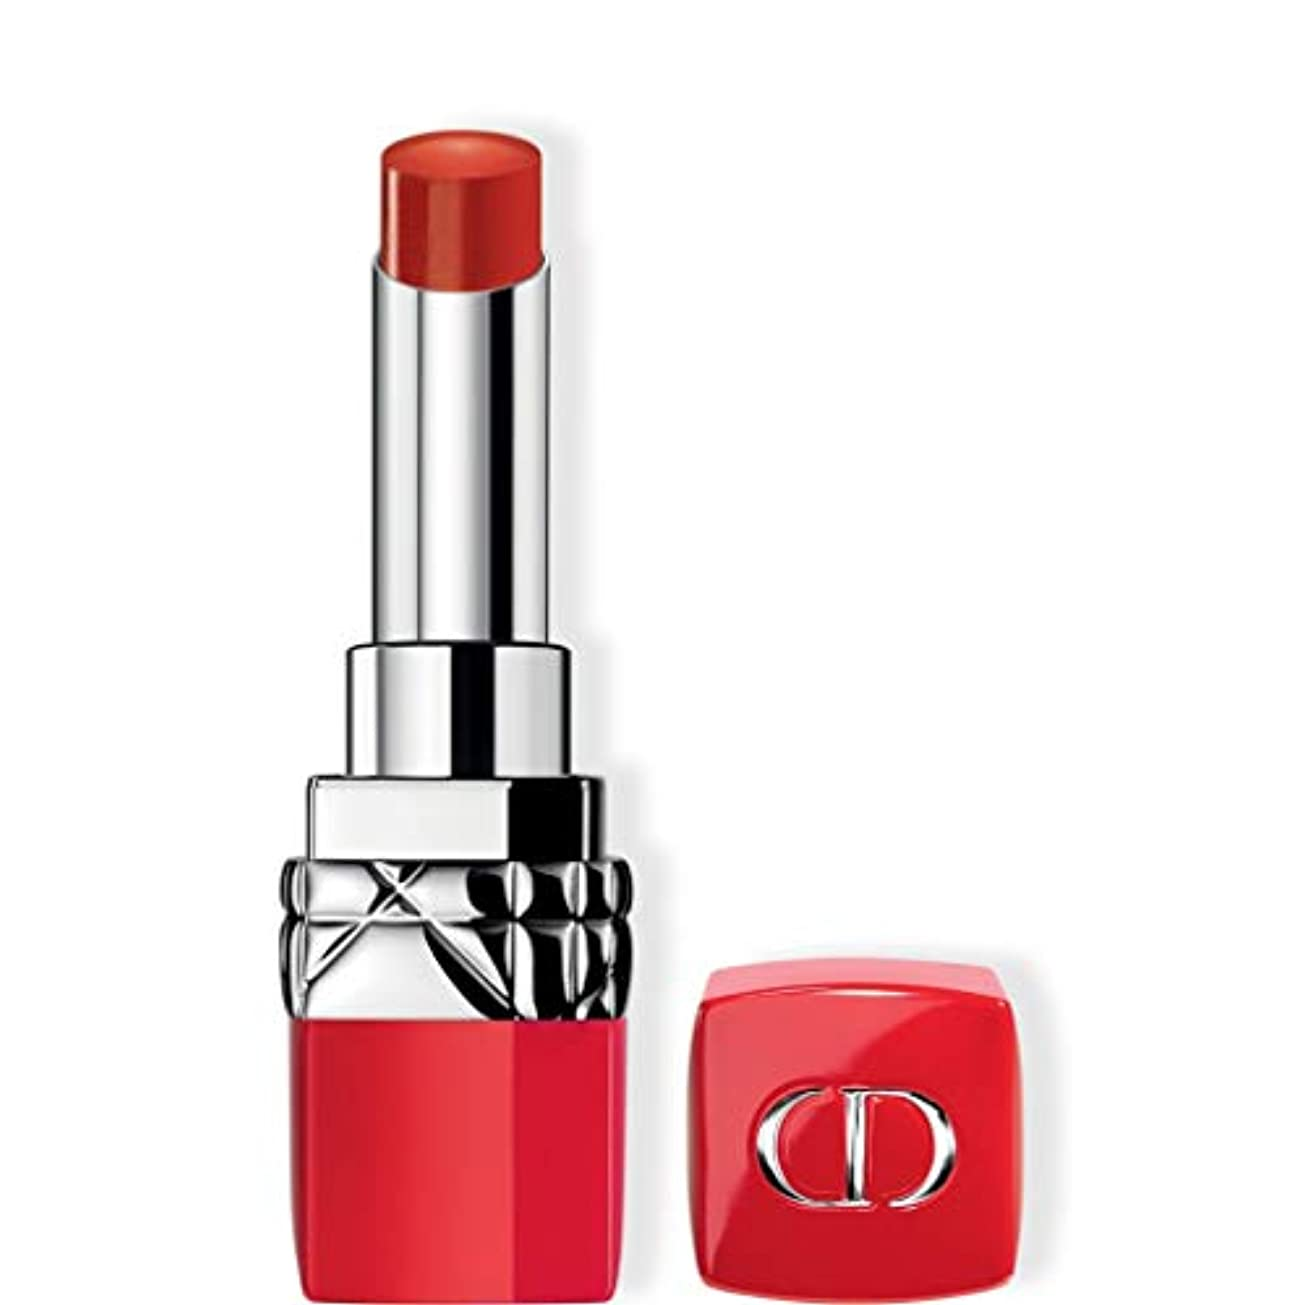 鼓舞する危険にさらされている狂ったクリスチャンディオール Rouge Dior Ultra Rouge - # 436 Ultra Trouble 3.2g/0.11oz並行輸入品